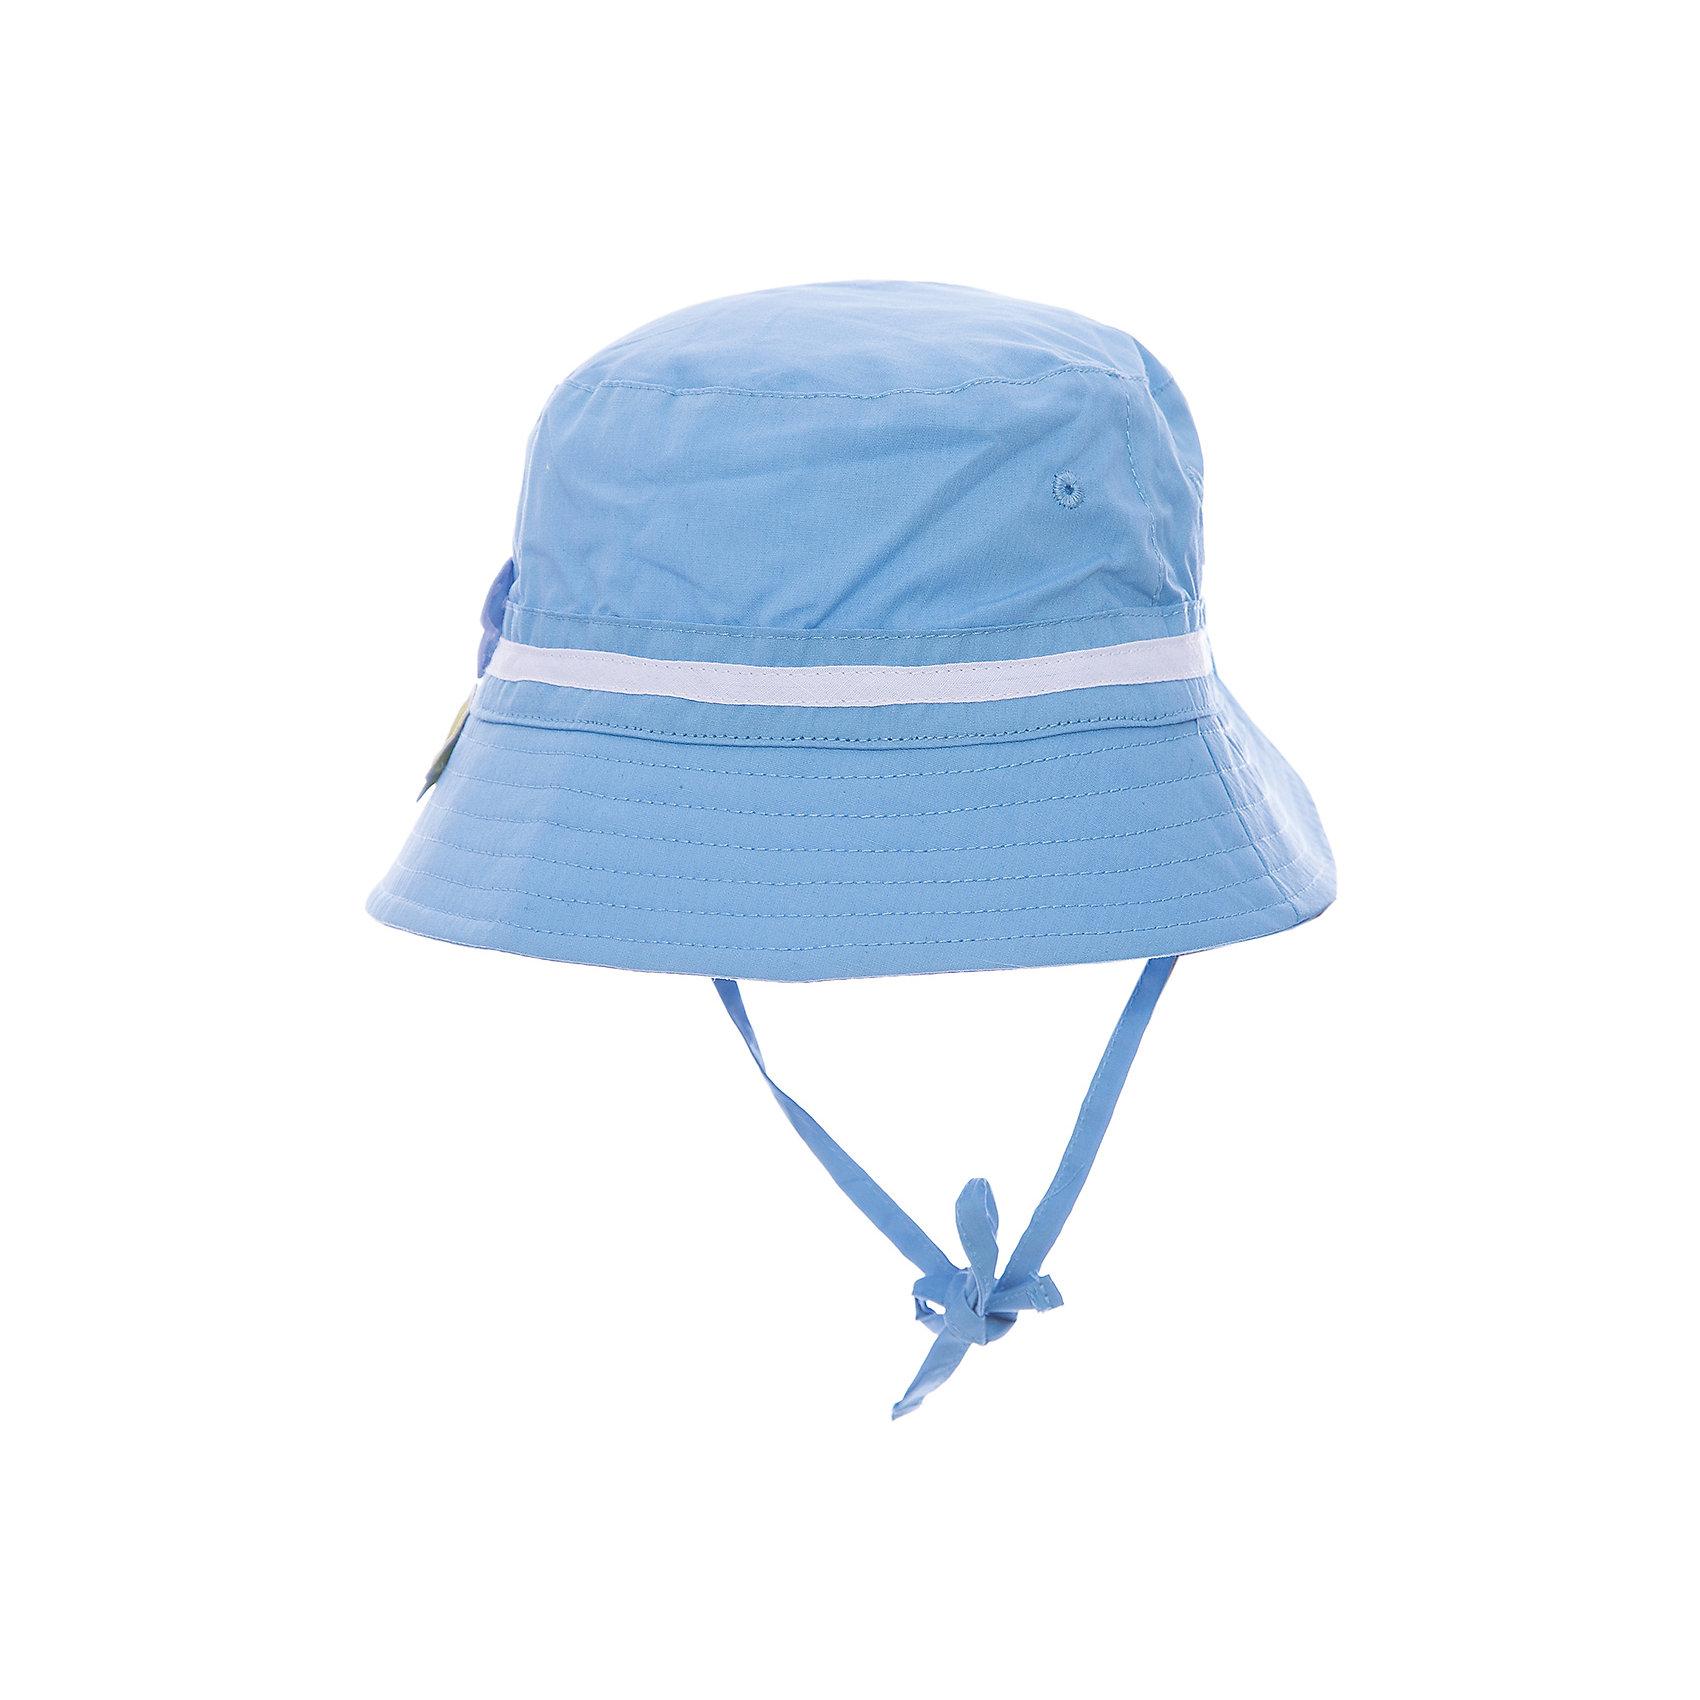 Панама для девочки PlayTodayГоловные уборы<br>Характеристики товара:<br><br>• цвет: голубой<br>• состав: 100% хлопок<br>• дышащий материал<br>• хорошая защита от солнца<br>• аппликация<br>• комфортная посадка<br>• коллекция: весна-лето 2017<br>• страна бренда: Германия<br>• страна производства: Китай<br><br>Популярный бренд PlayToday выпустил новую коллекцию! Вещи из неё продолжают радовать покупателей удобством, стильным дизайном и продуманным кроем. Дети носят их с удовольствием. PlayToday - это линейка товаров, созданная специально для детей. Дизайнеры учитывают новые веяния моды и потребности детей. Порадуйте ребенка обновкой от проверенного производителя!<br>Такая стильная модель обеспечит ребенку комфорт благодаря качественному материалу и продуманному крою. С помощью неё можно удобно одеться по погоде. Очень модная вещь! <br><br>Панаму для девочки от известного бренда PlayToday можно купить в нашем интернет-магазине.<br><br>Ширина мм: 89<br>Глубина мм: 117<br>Высота мм: 44<br>Вес г: 155<br>Цвет: синий<br>Возраст от месяцев: 24<br>Возраст до месяцев: 36<br>Пол: Женский<br>Возраст: Детский<br>Размер: 50,54,52<br>SKU: 5404349